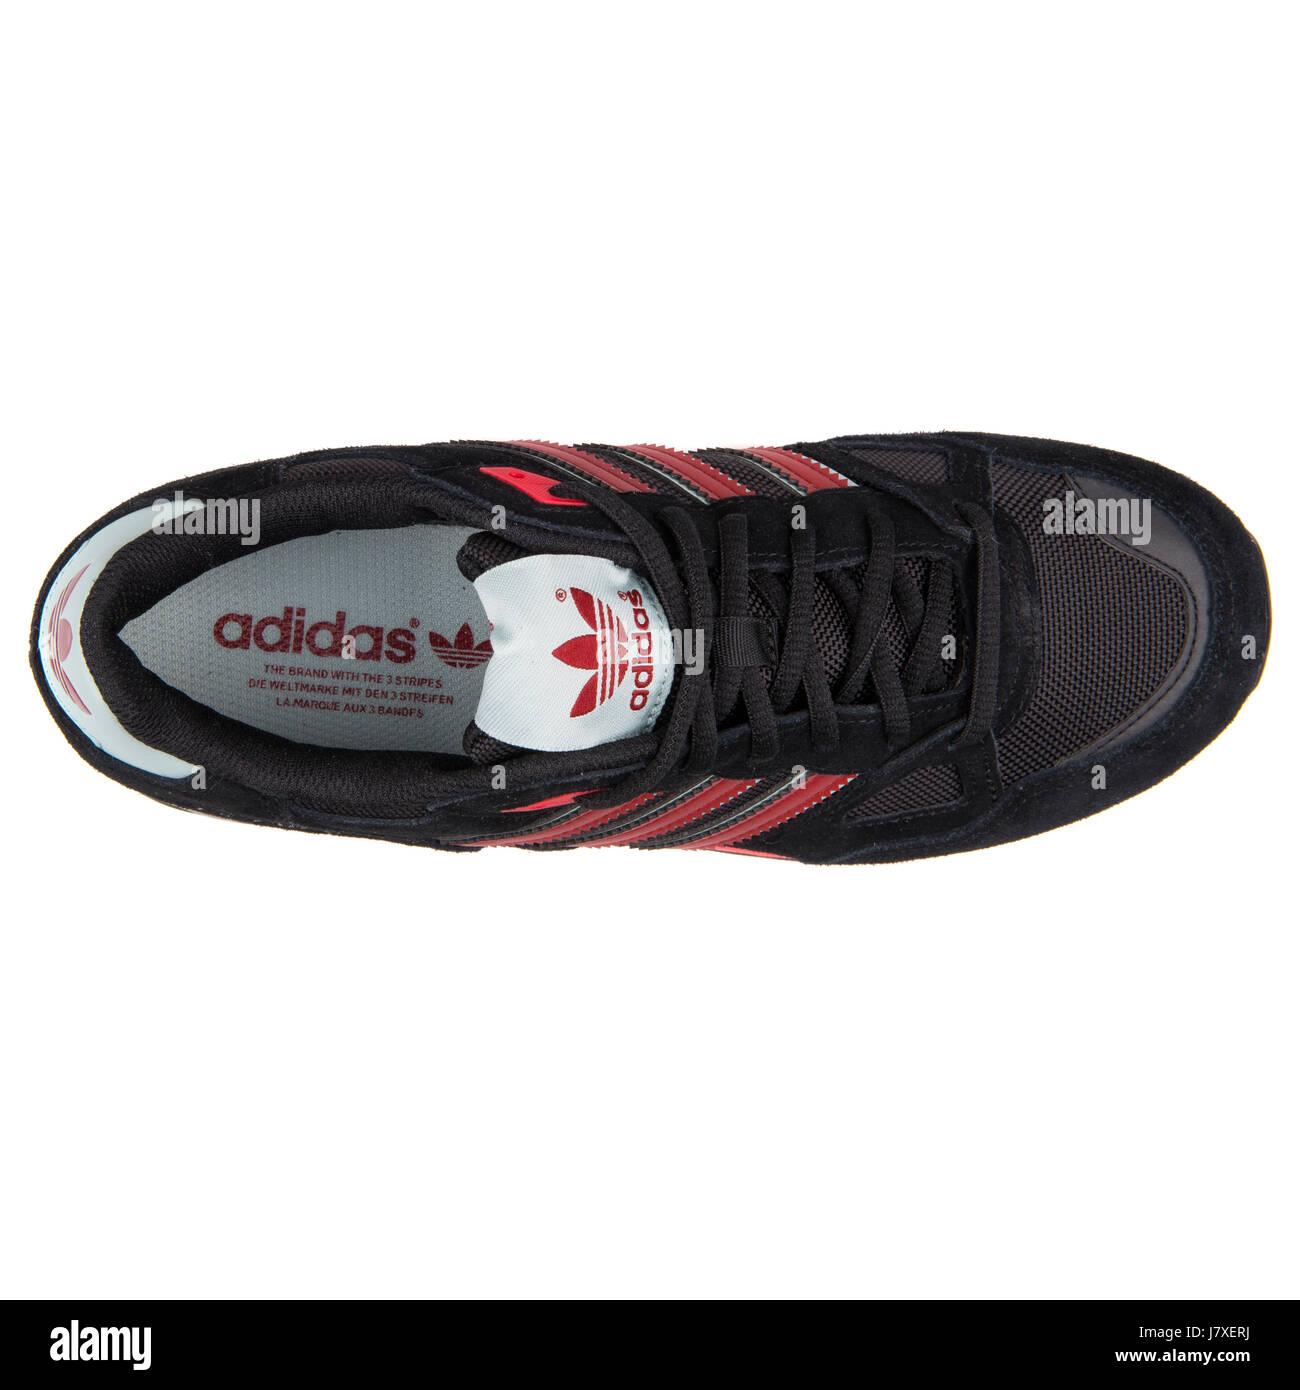 Adidas La Marque pastte